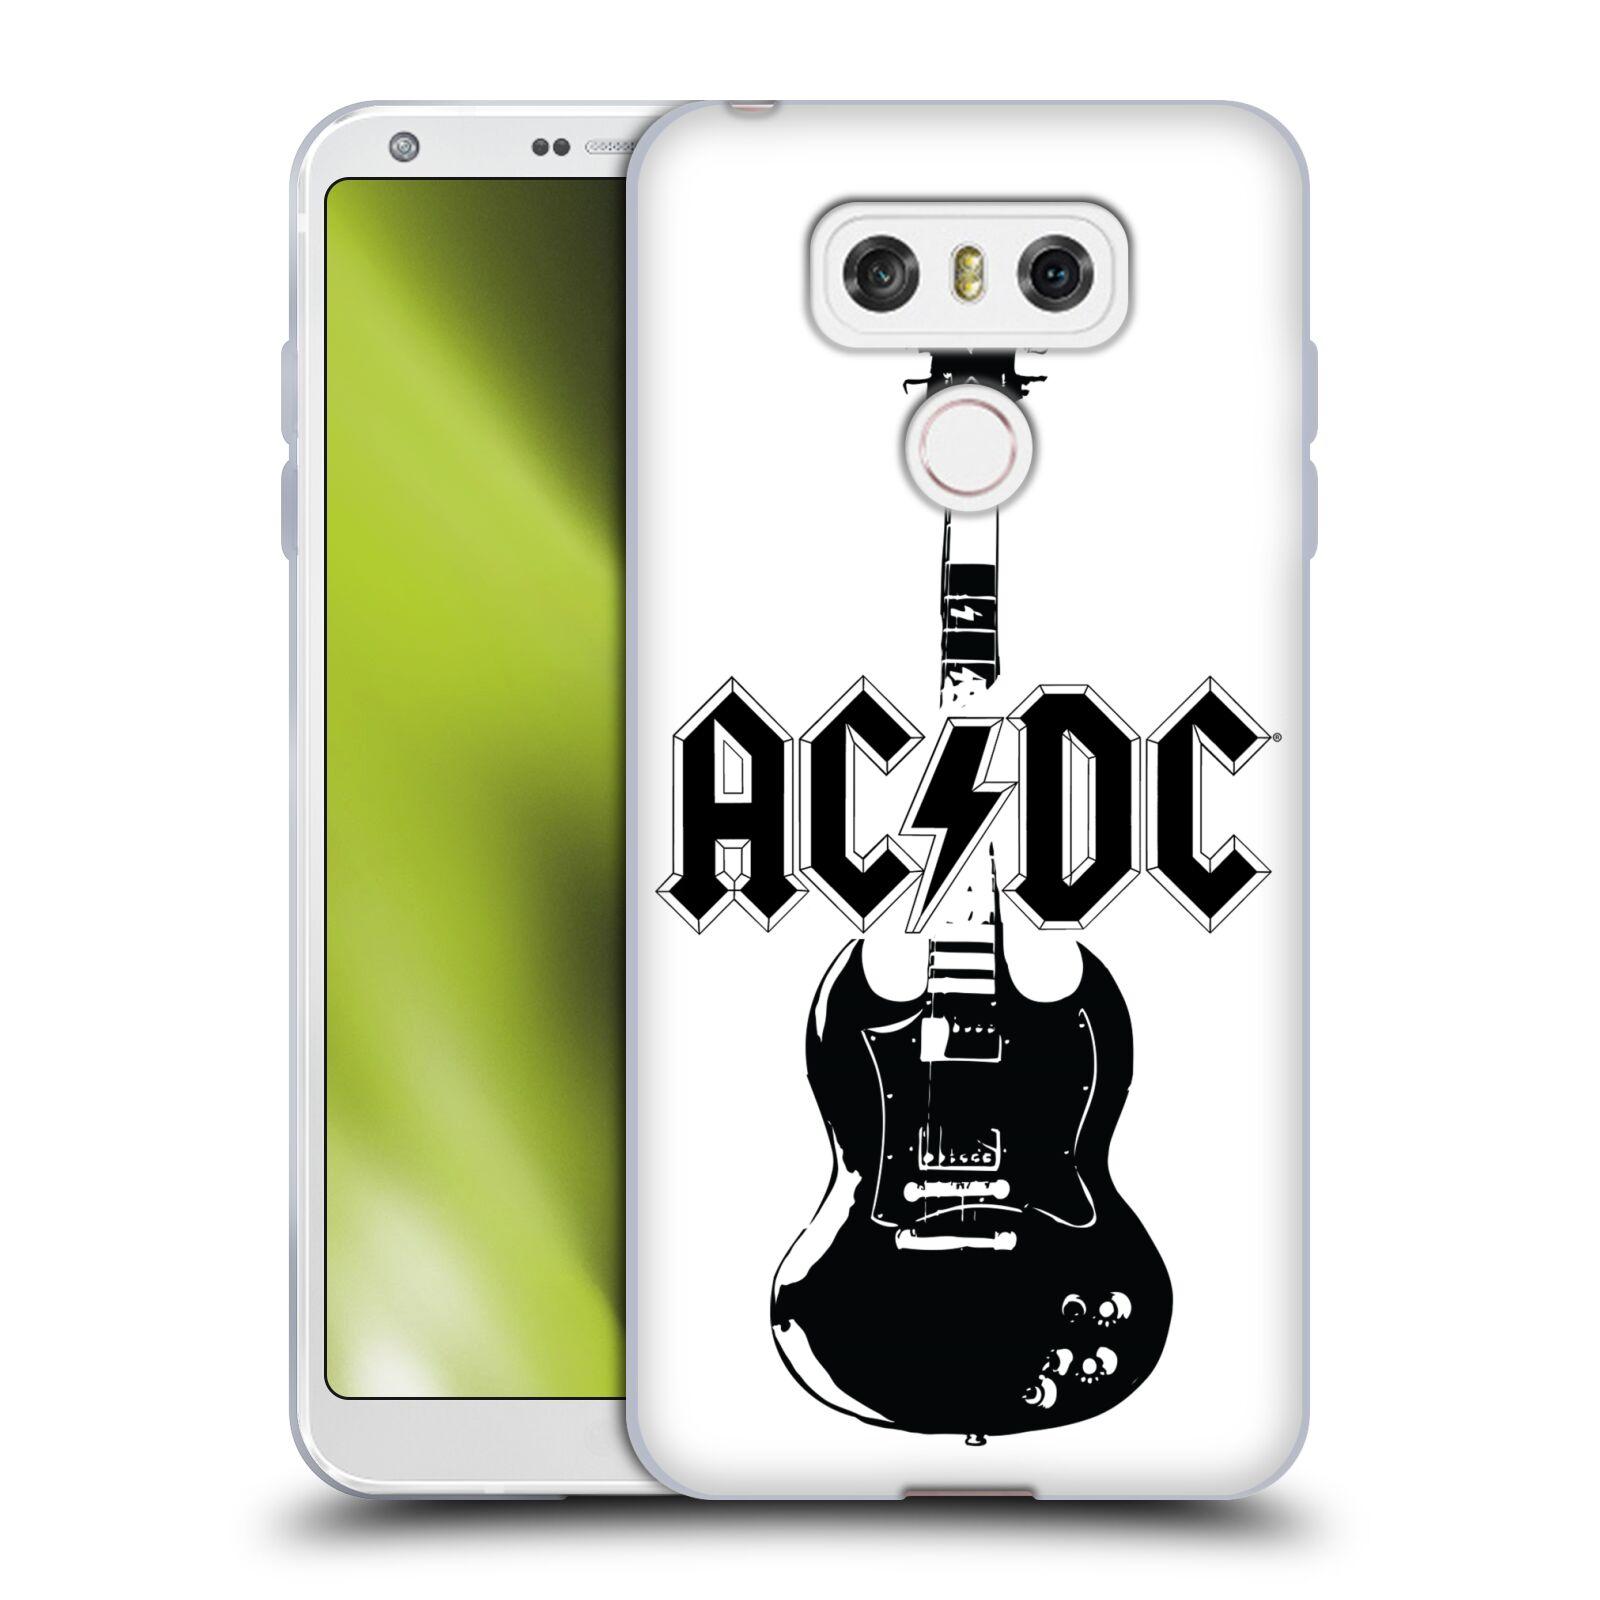 HEAD CASE silikonový obal na mobil LG G6 / G6 DUAL rocková skupina ACDC kytara černá a bílá